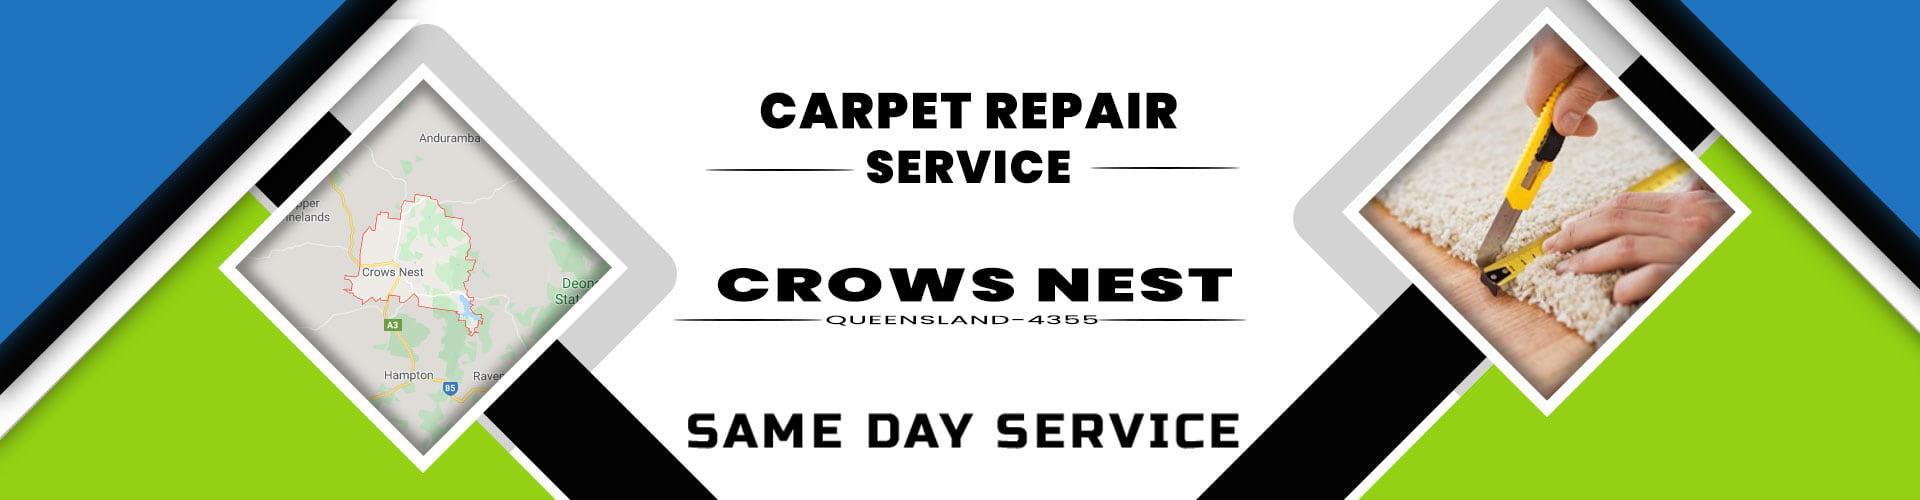 Carpet Repair Crows Nest